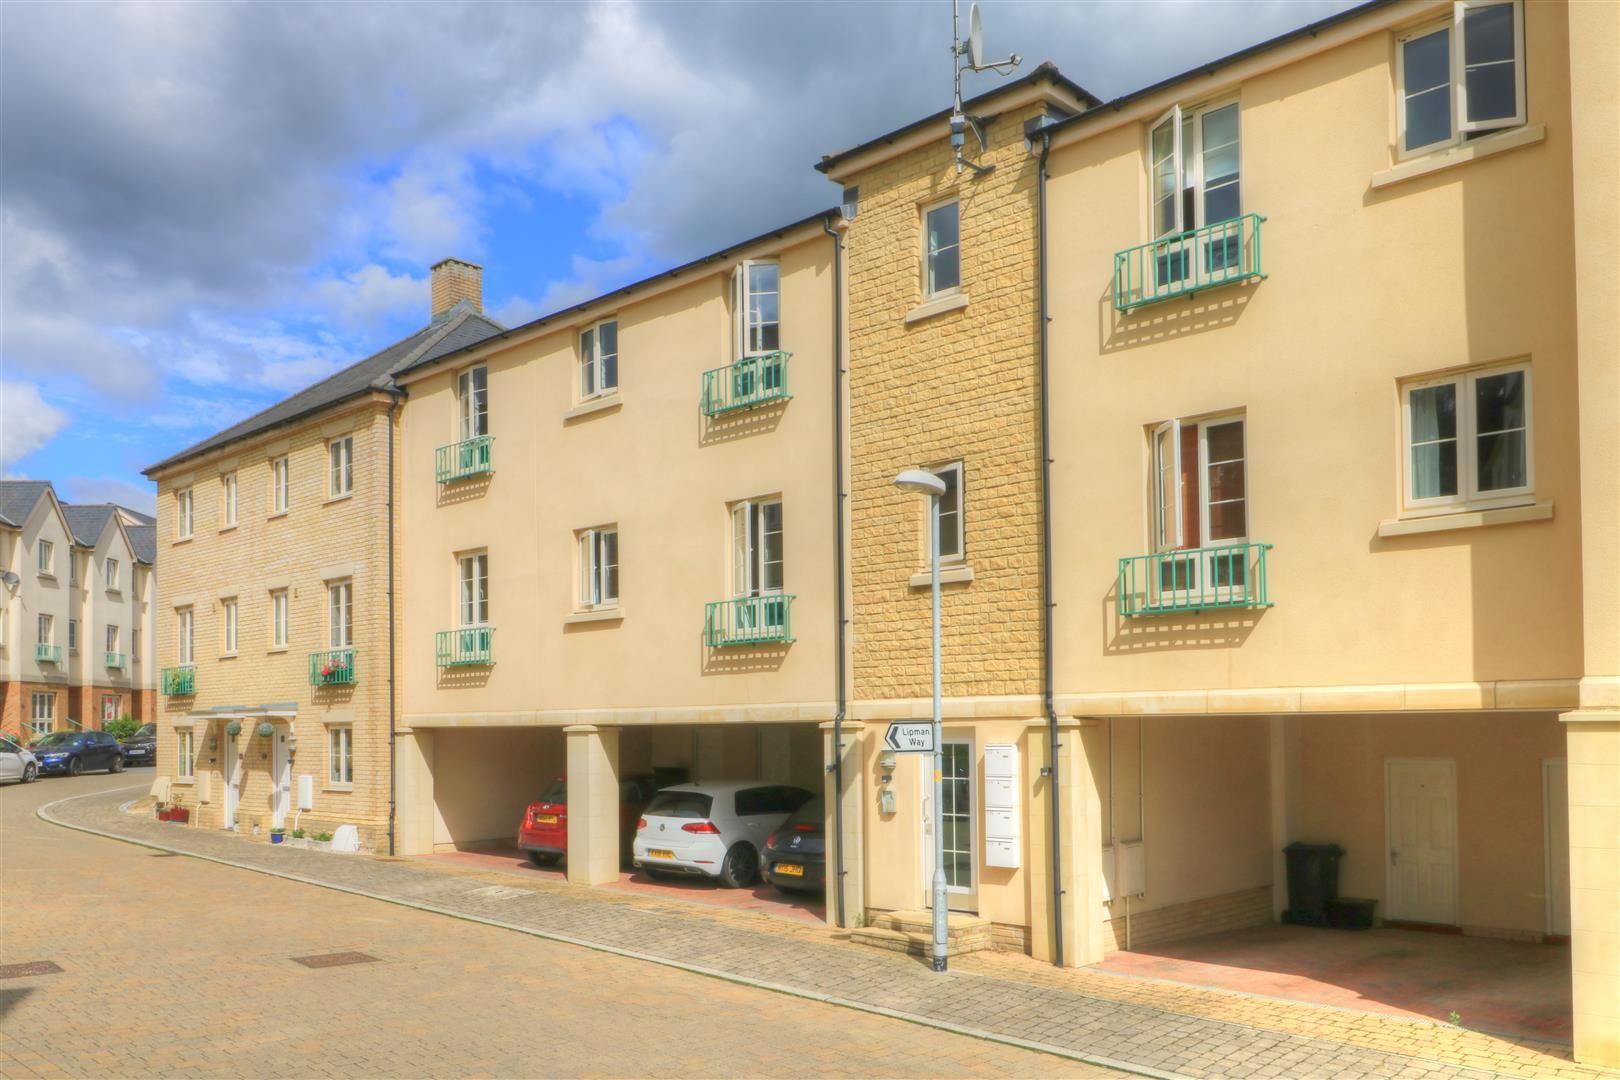 Property photo 1 of 8. 114 Sir Bernard Lovell